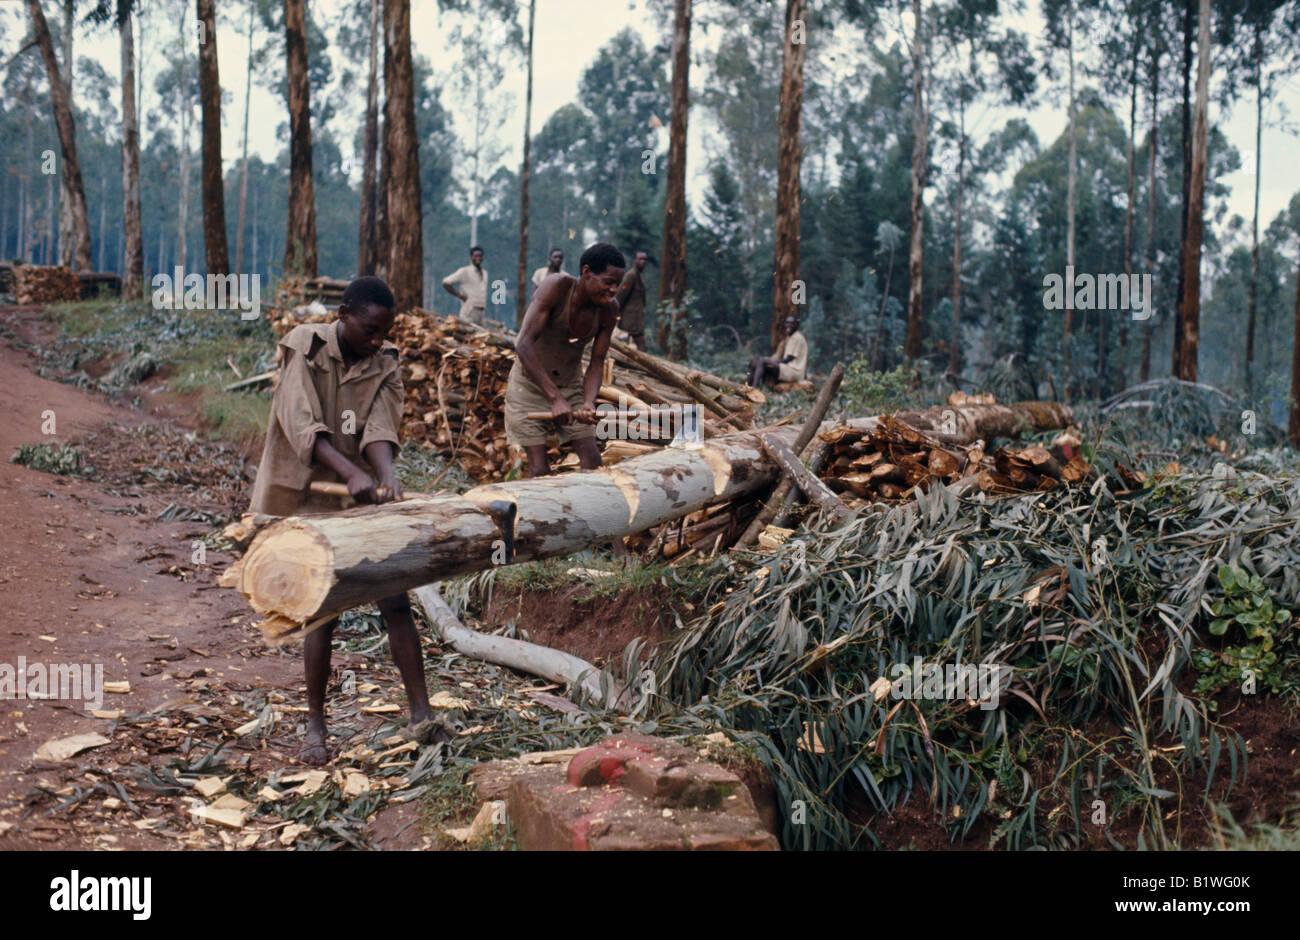 Le RWANDA CENTRE DE L'Afrique de l'environnement La déforestation l'abattage des hommes à Photo Stock